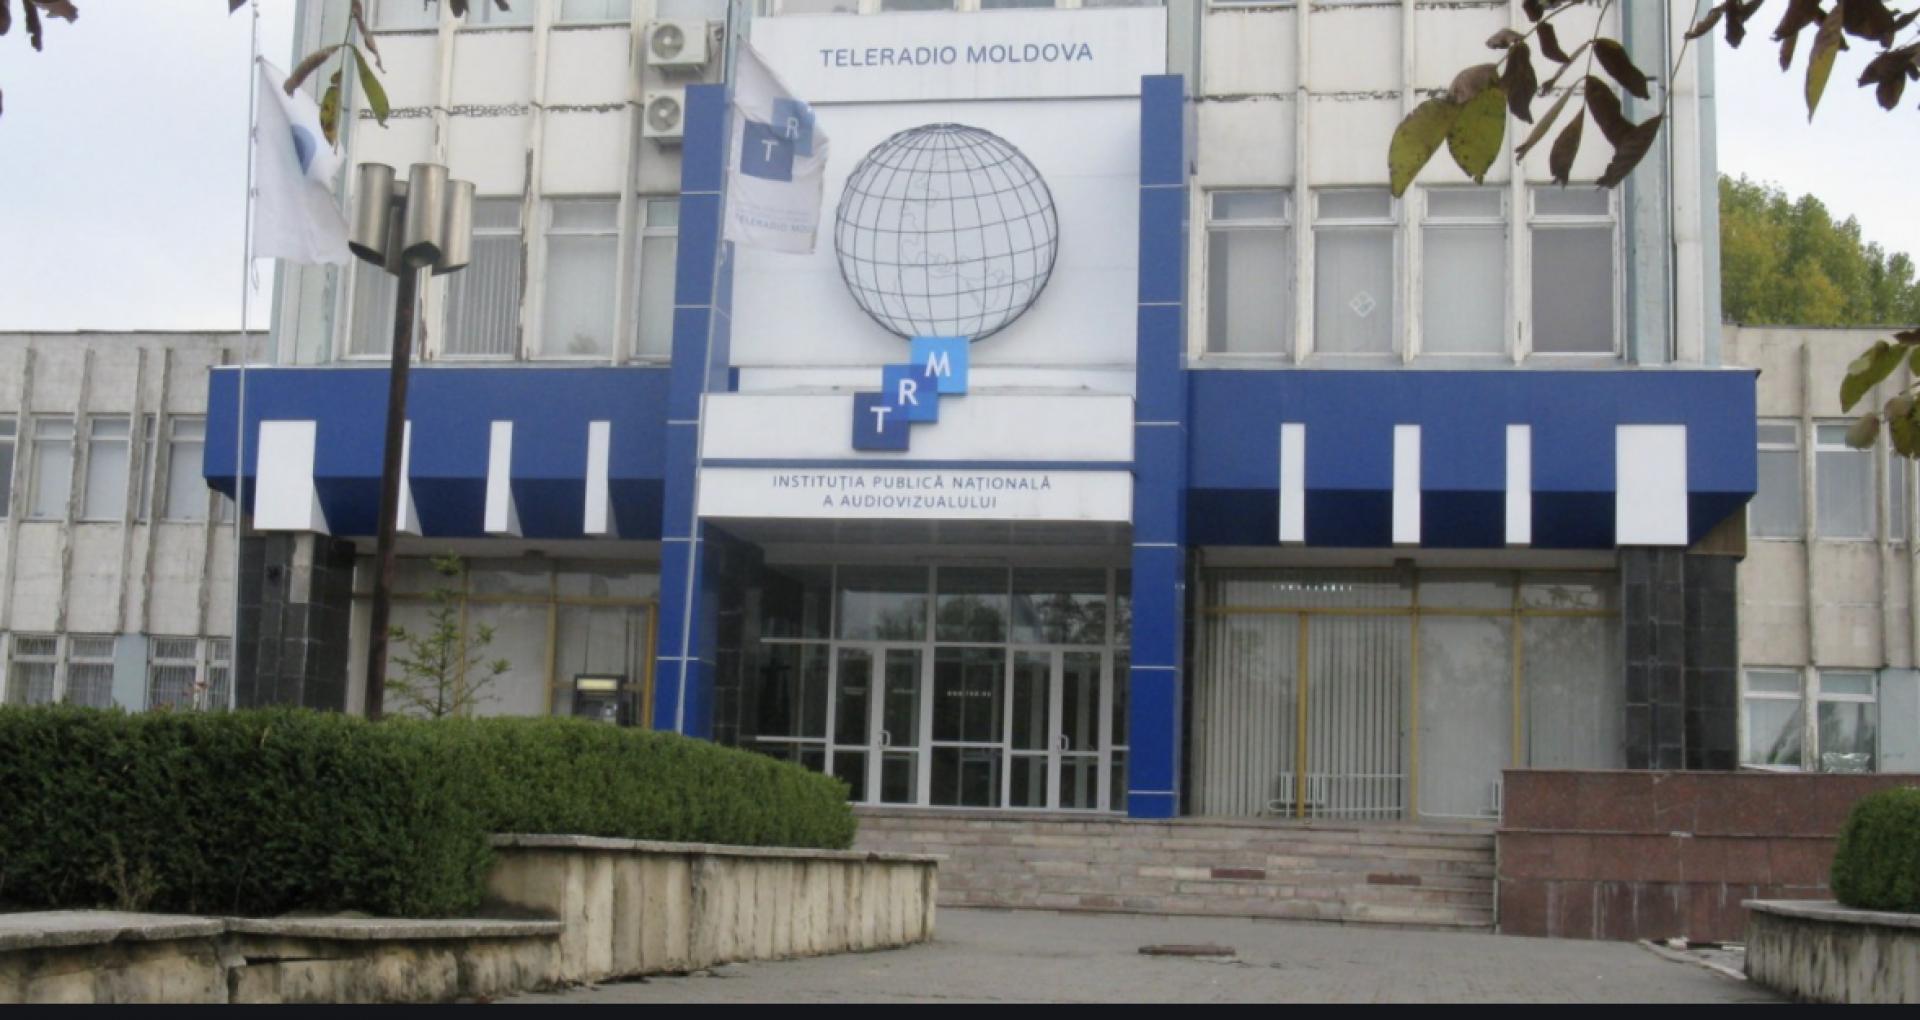 """Cinci candidați s-au înregistrat la Concursul pentru funcția de membru al Consiliului de Supraveghere  al """"Teleradio-Moldova"""""""